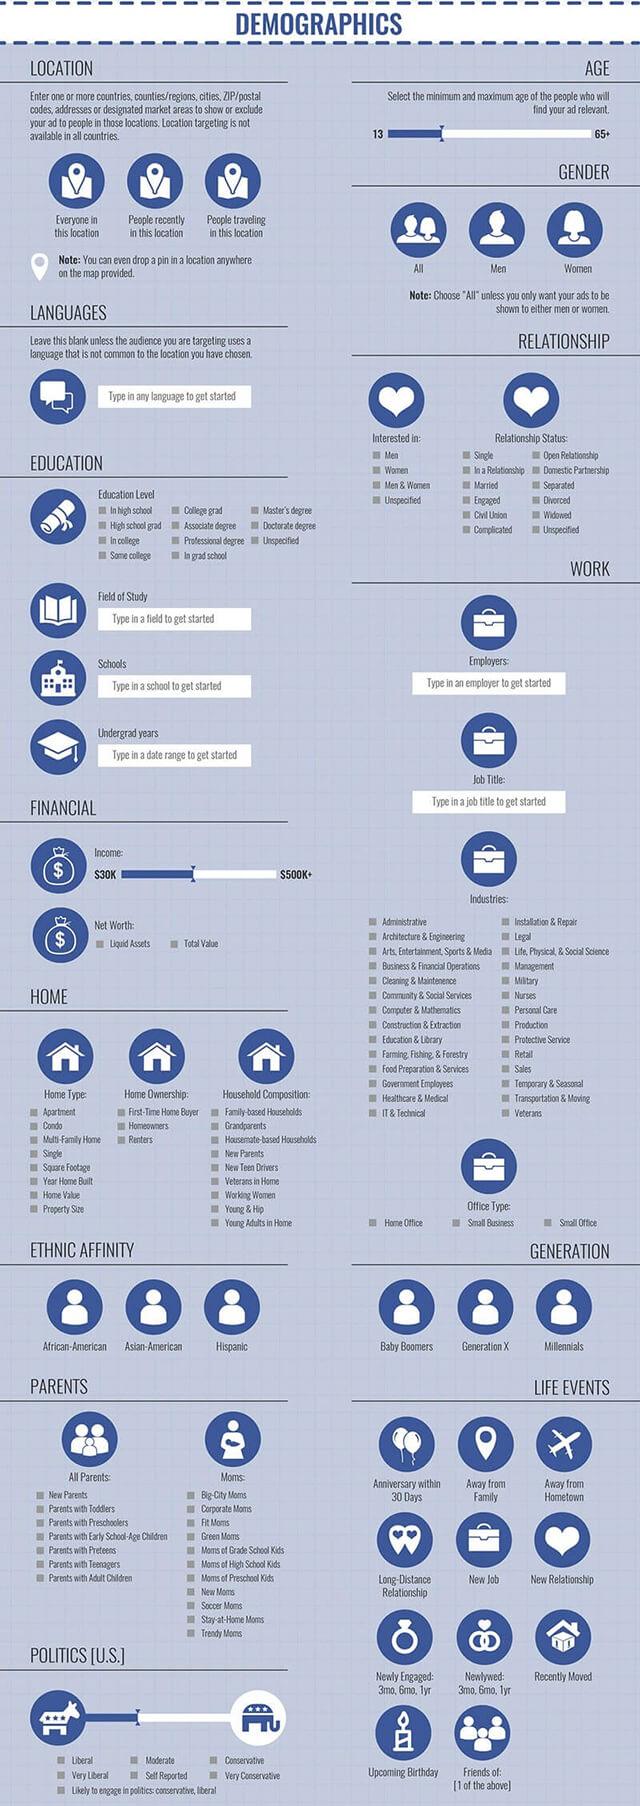 Facebook hirdetés - Demográfiai célzás